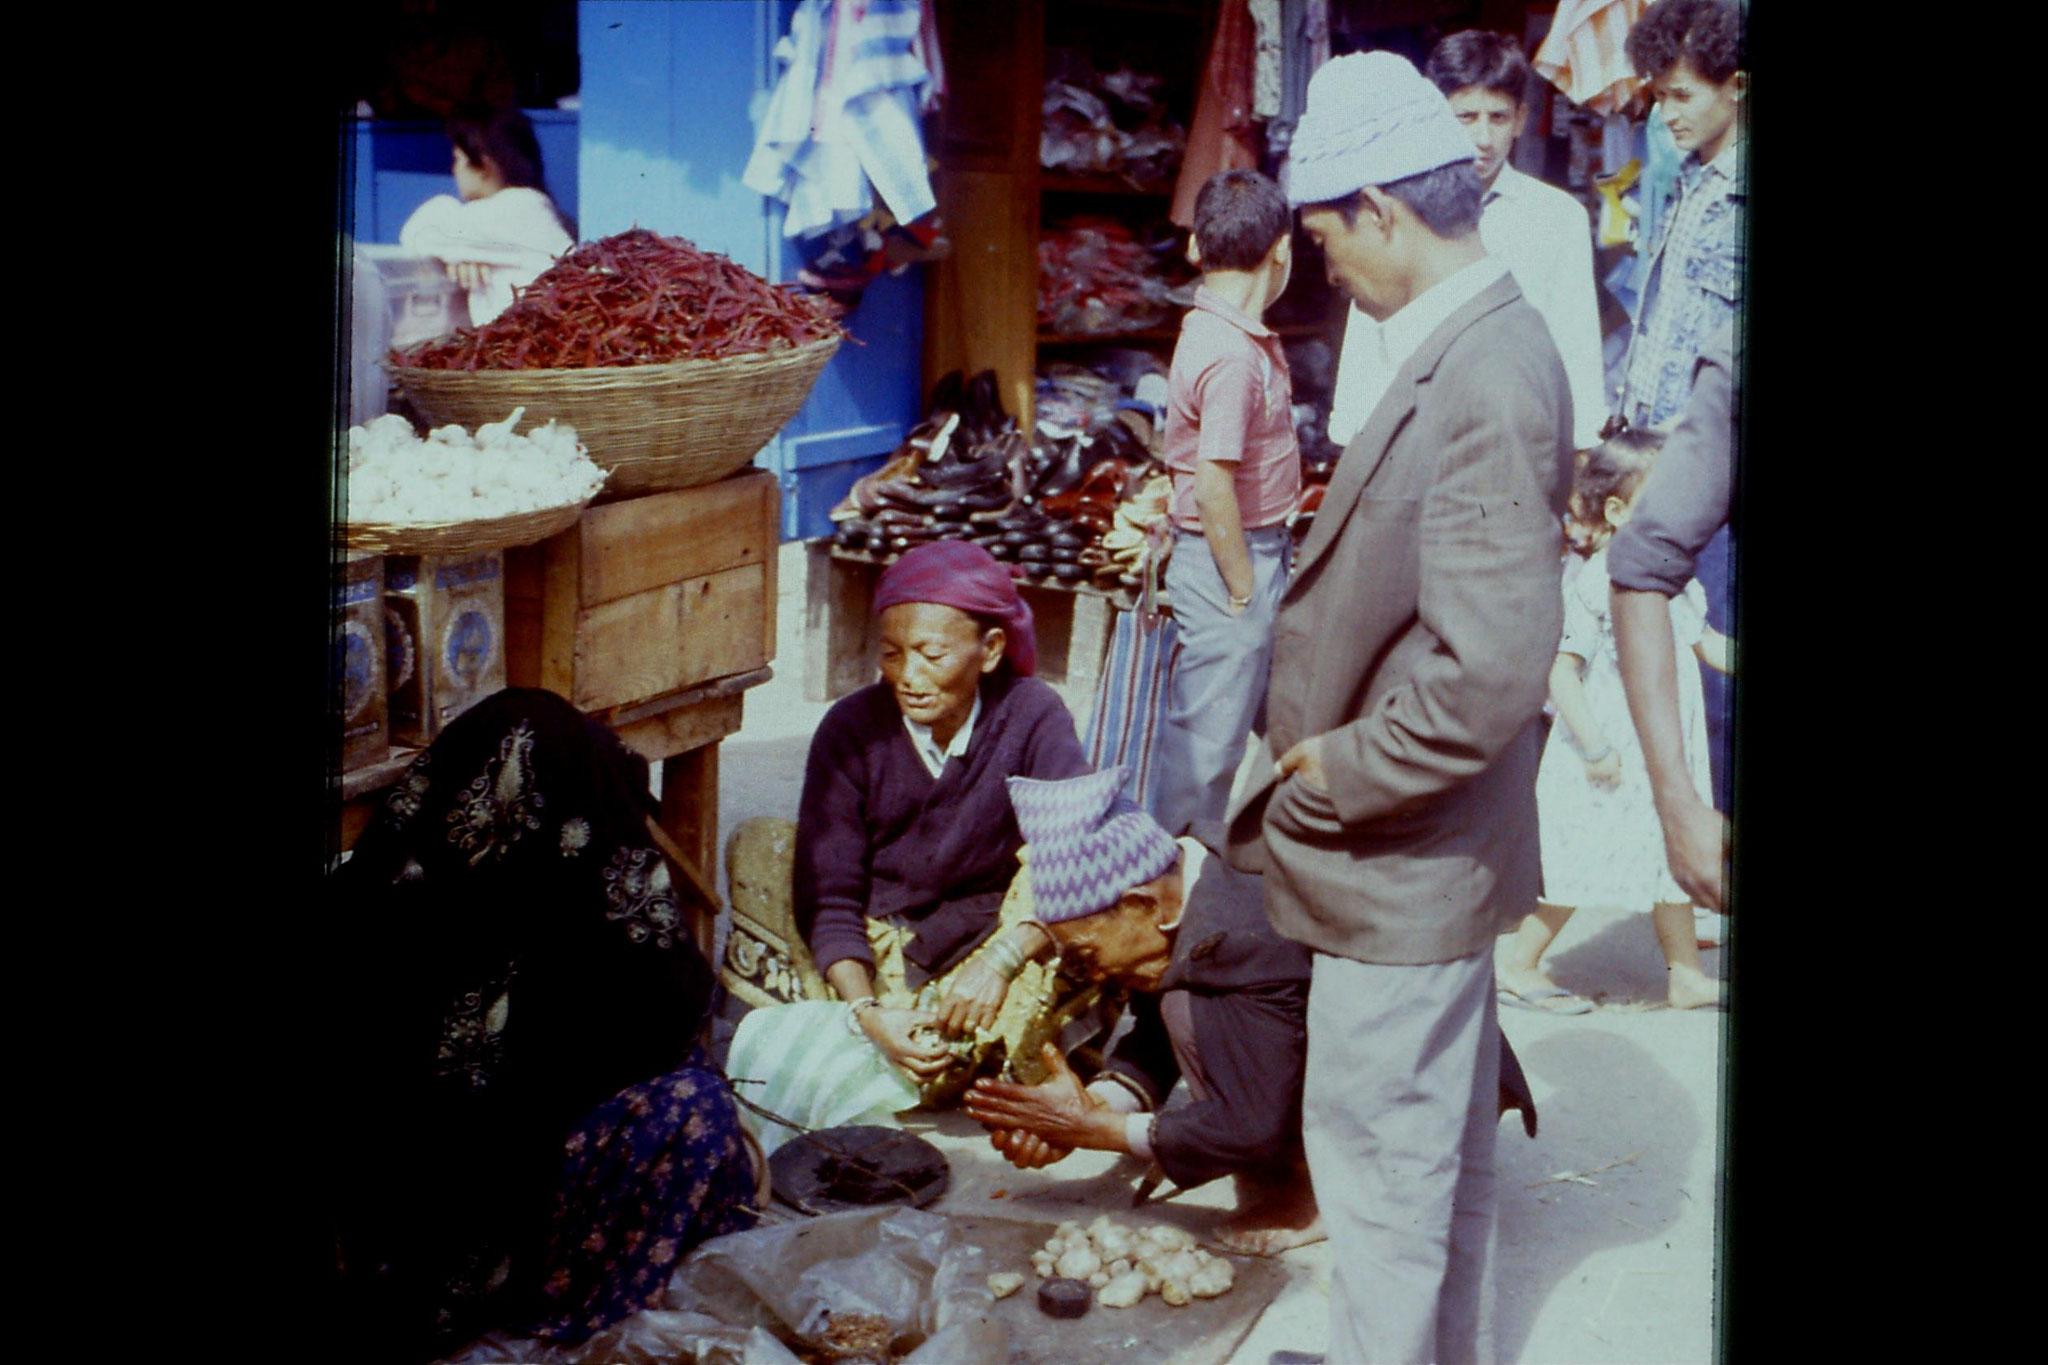 115/4: 22/4/1990 Gangtok - Lal Market